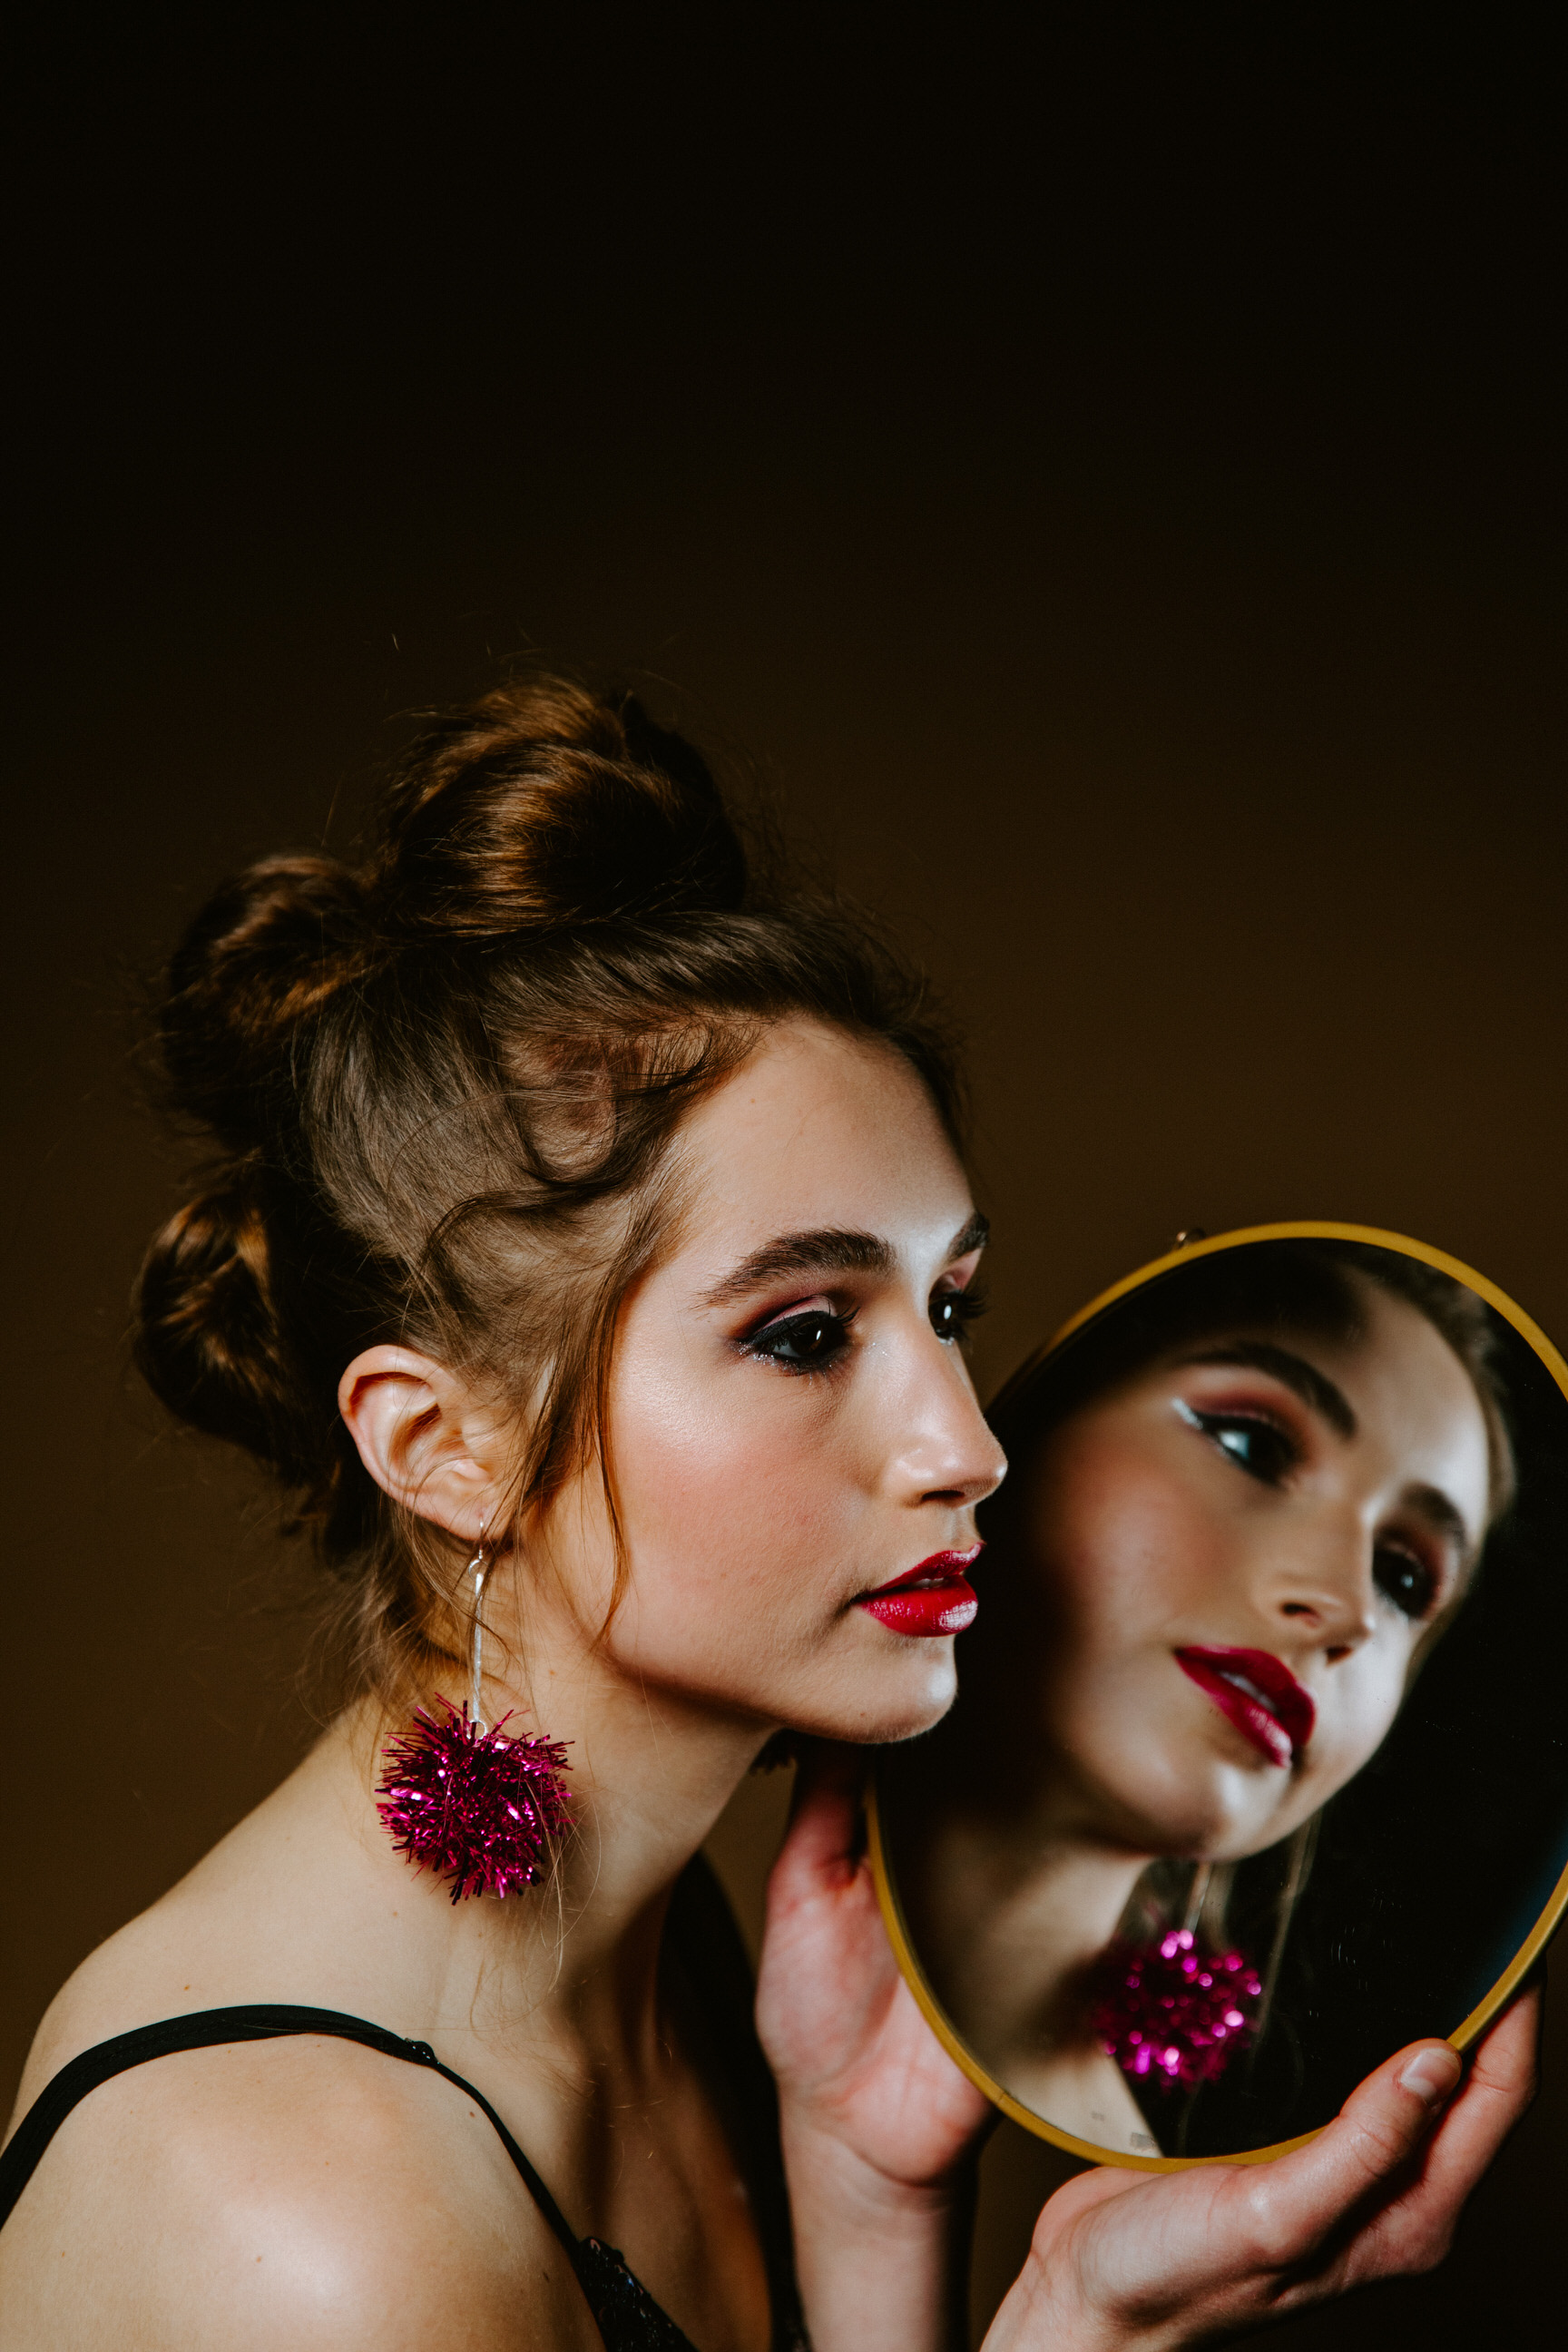 rebekah-earrings-8972.jpg